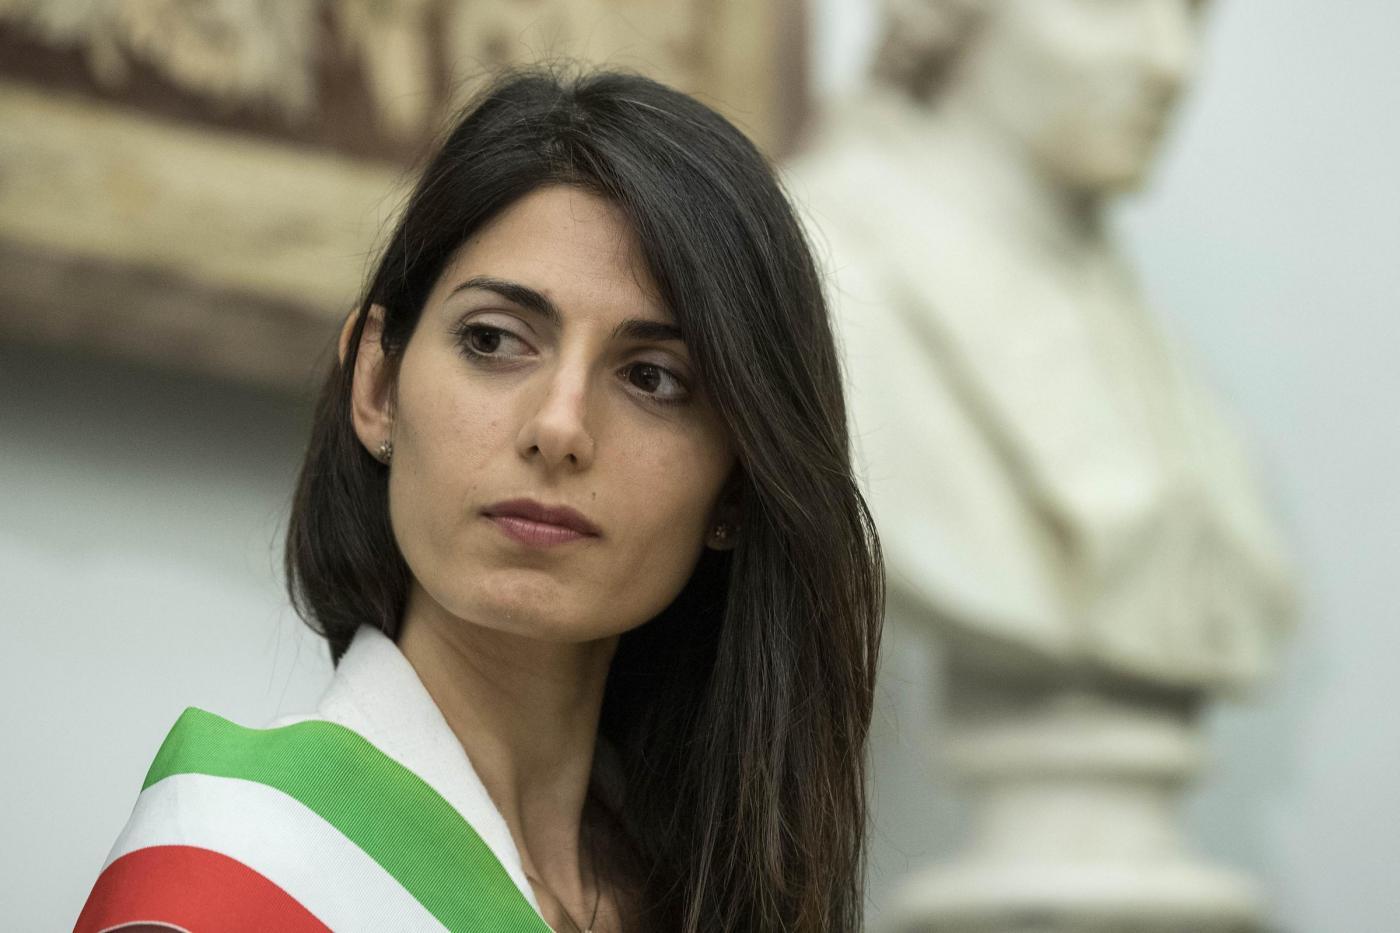 Caos Roma, Virginia Raggi rilancia: 'Diamo fastidio ai poteri forti, andremo avanti'